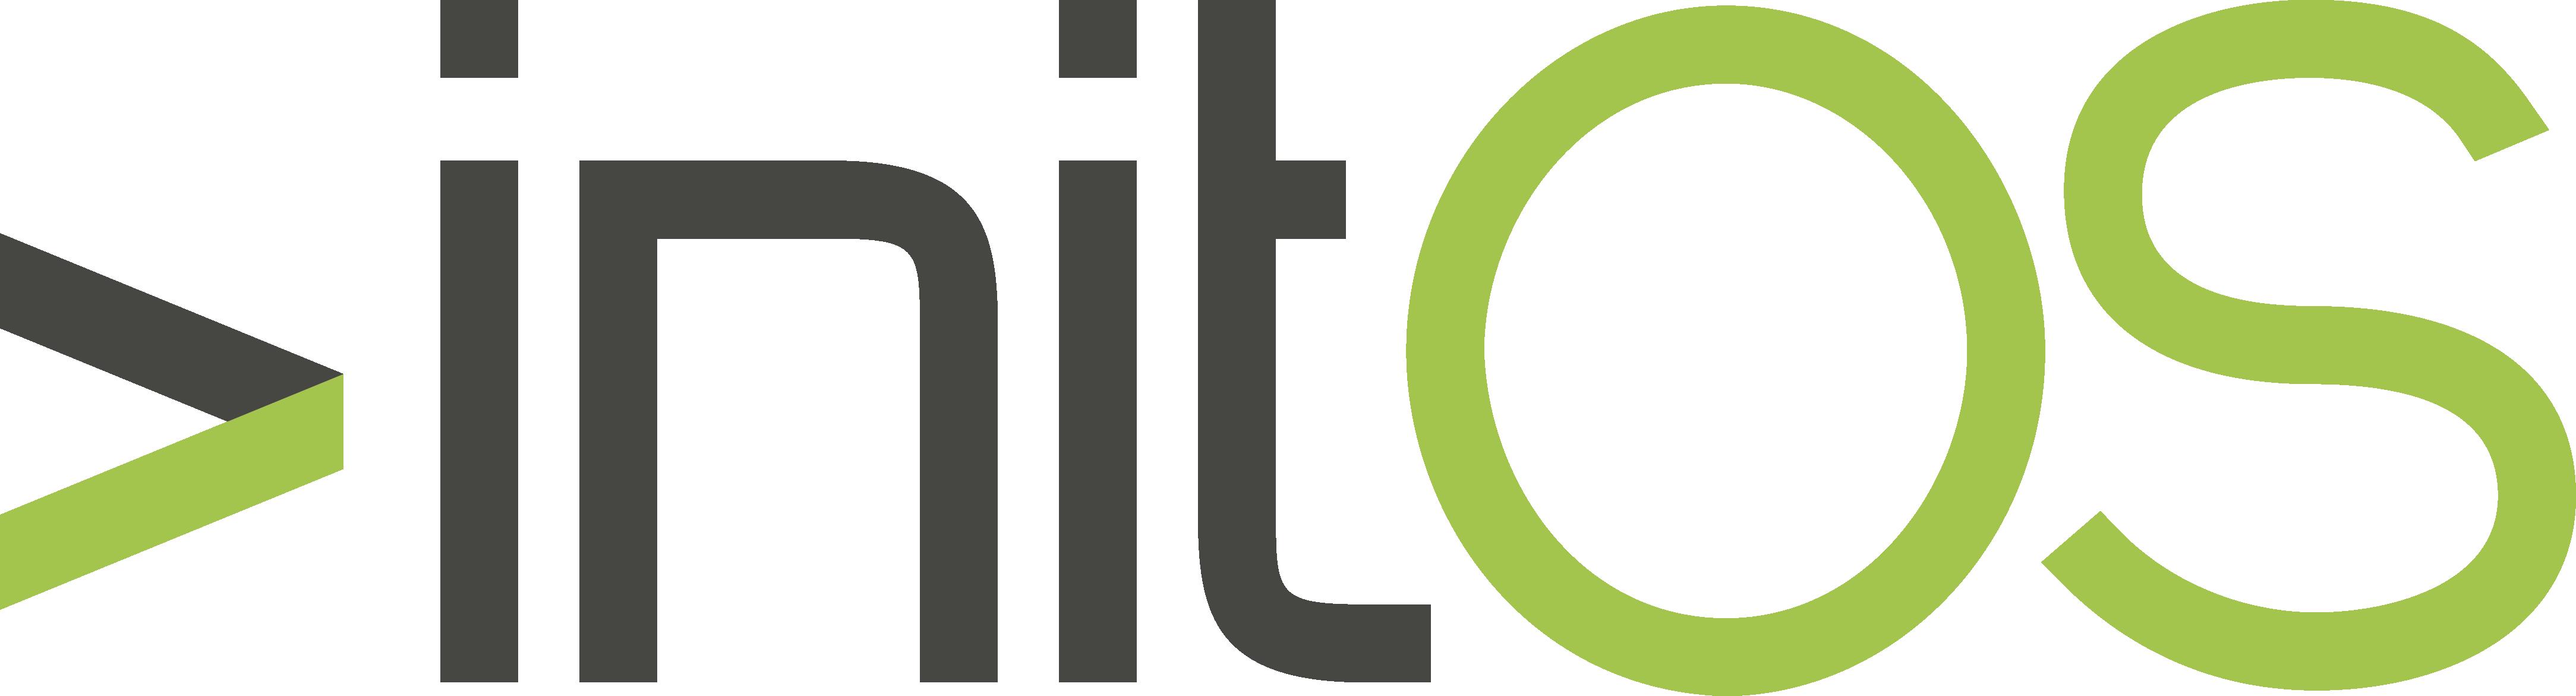 Odoo Vorteile und Funktionen – initOS GmbH